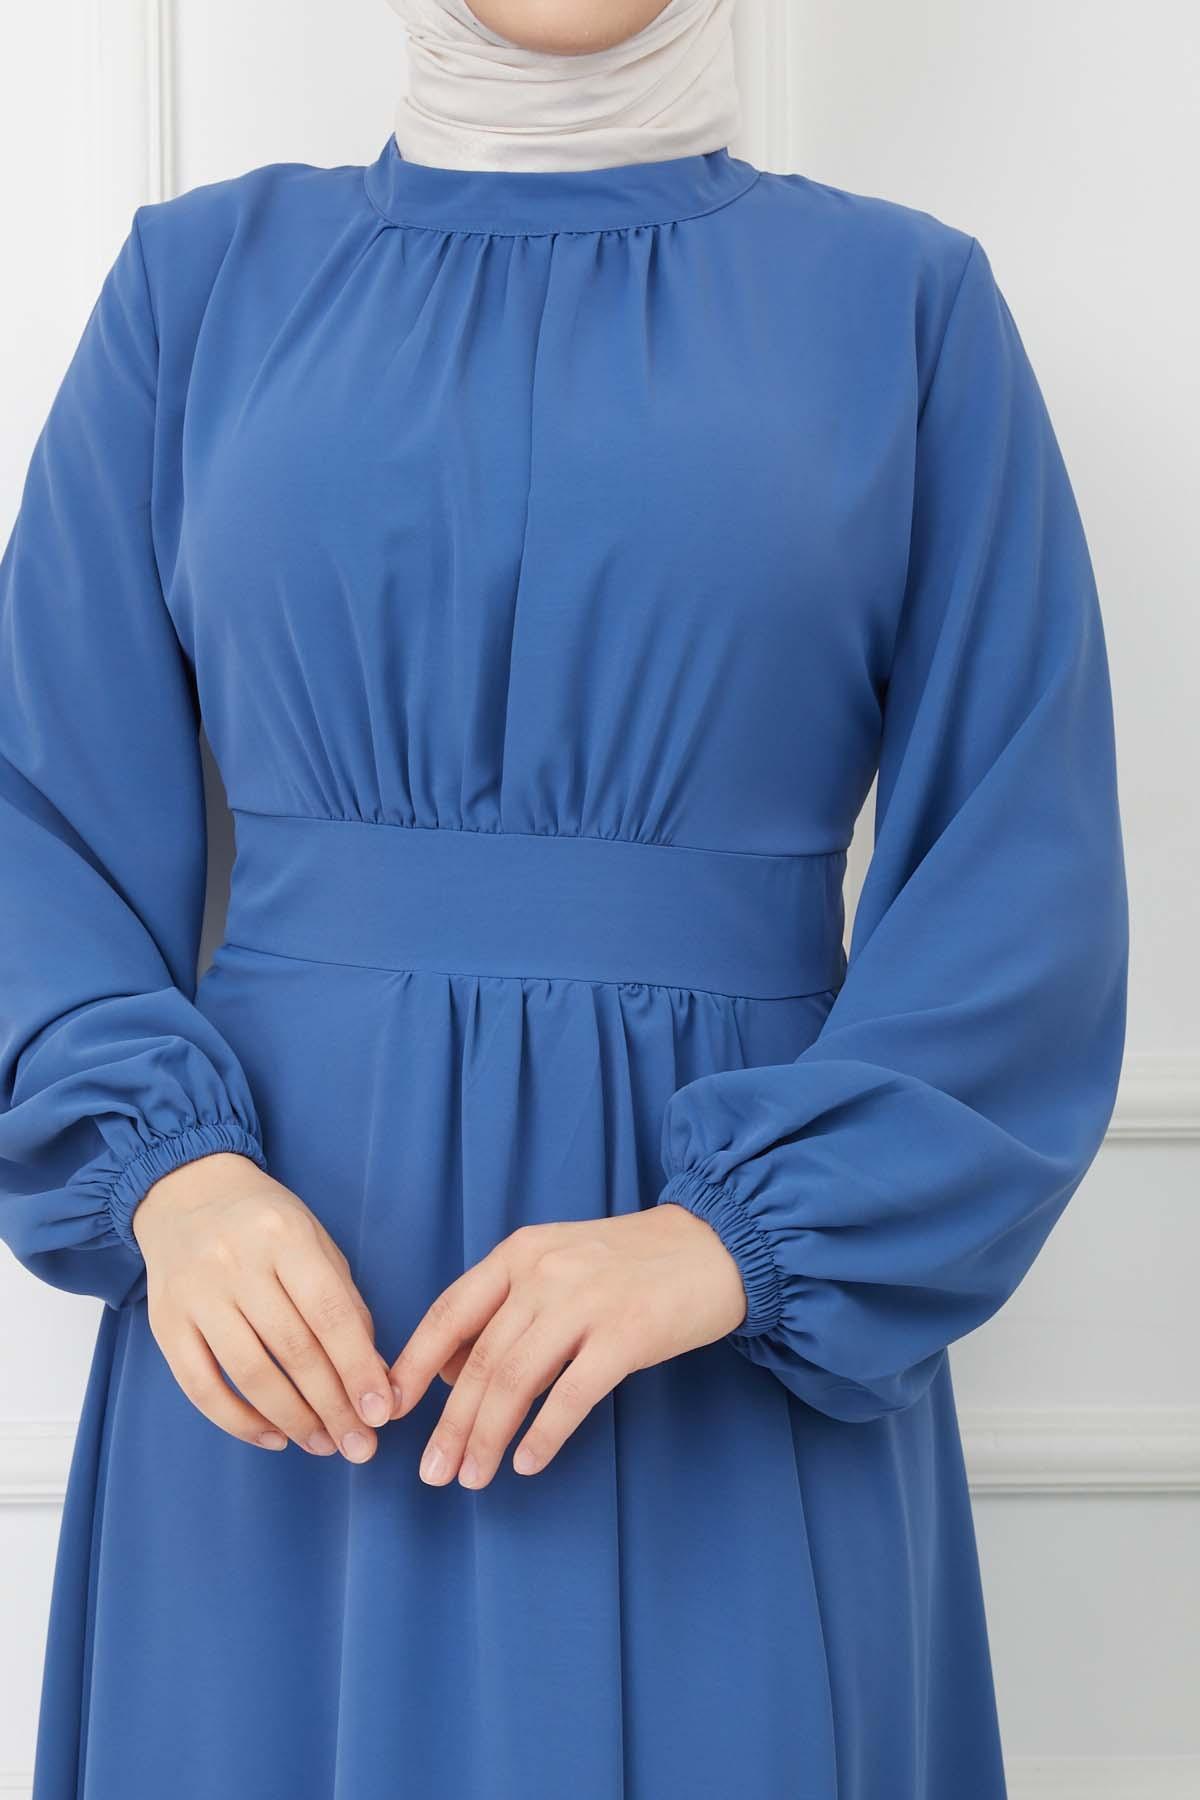 Şarmi Elbise - Mavi